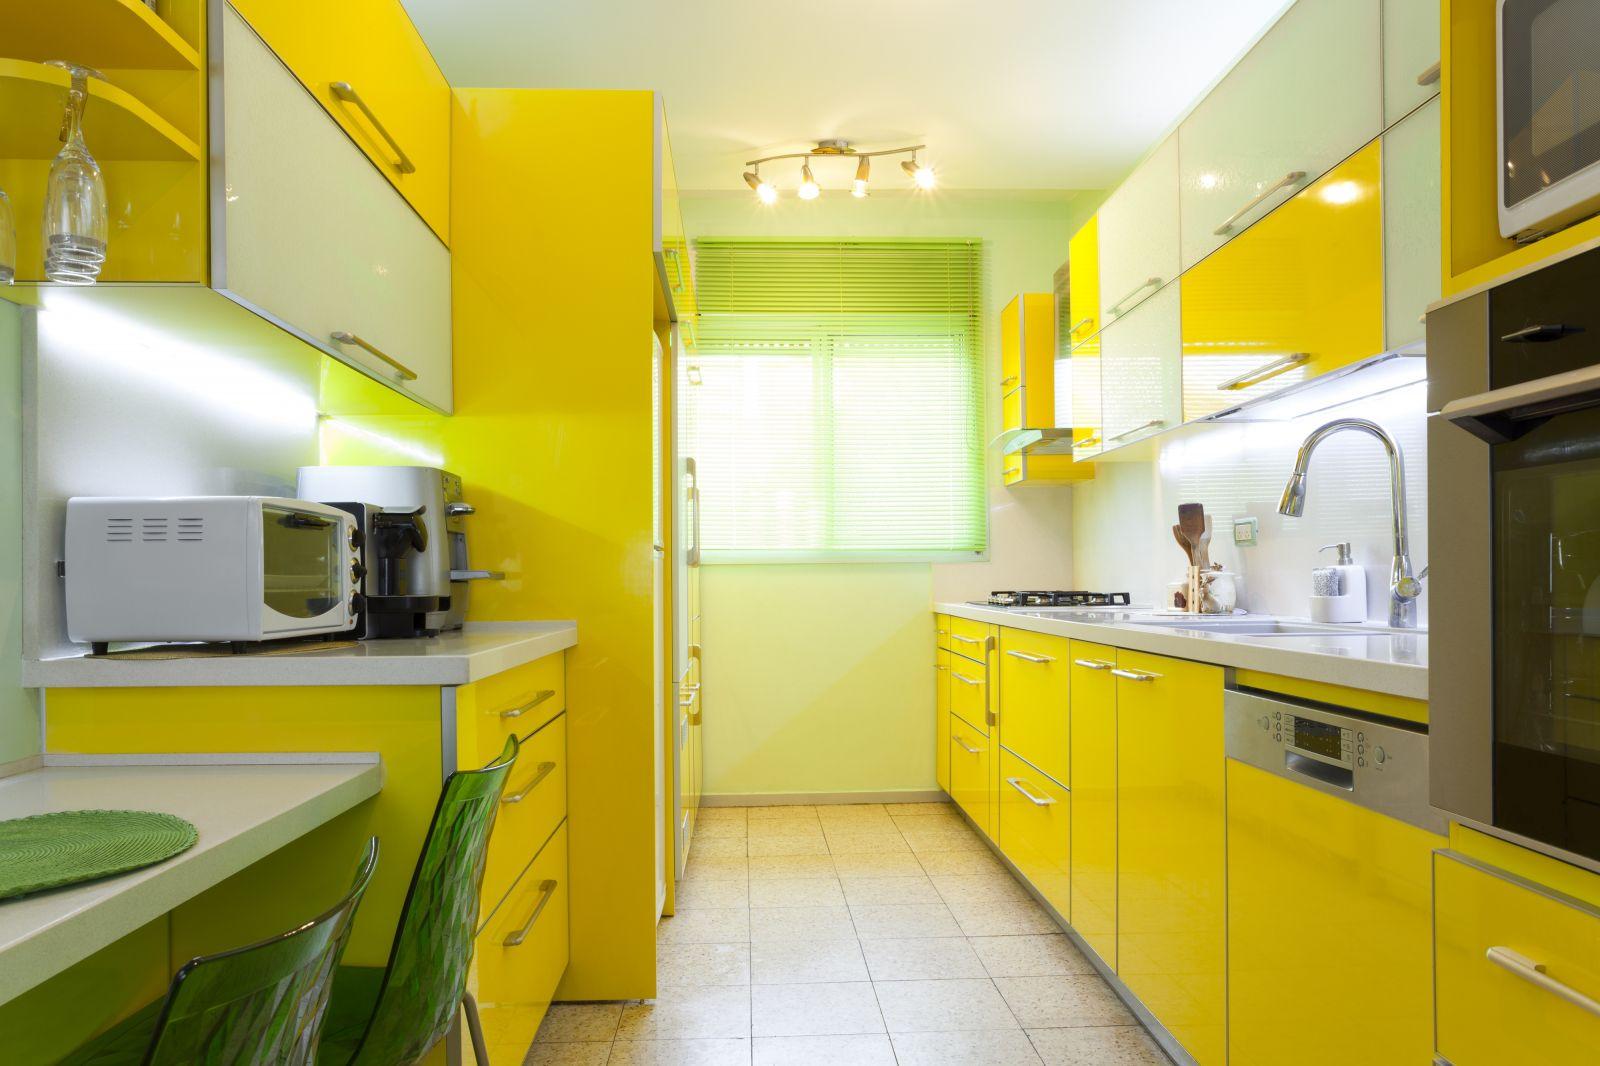 какую кухню купить?